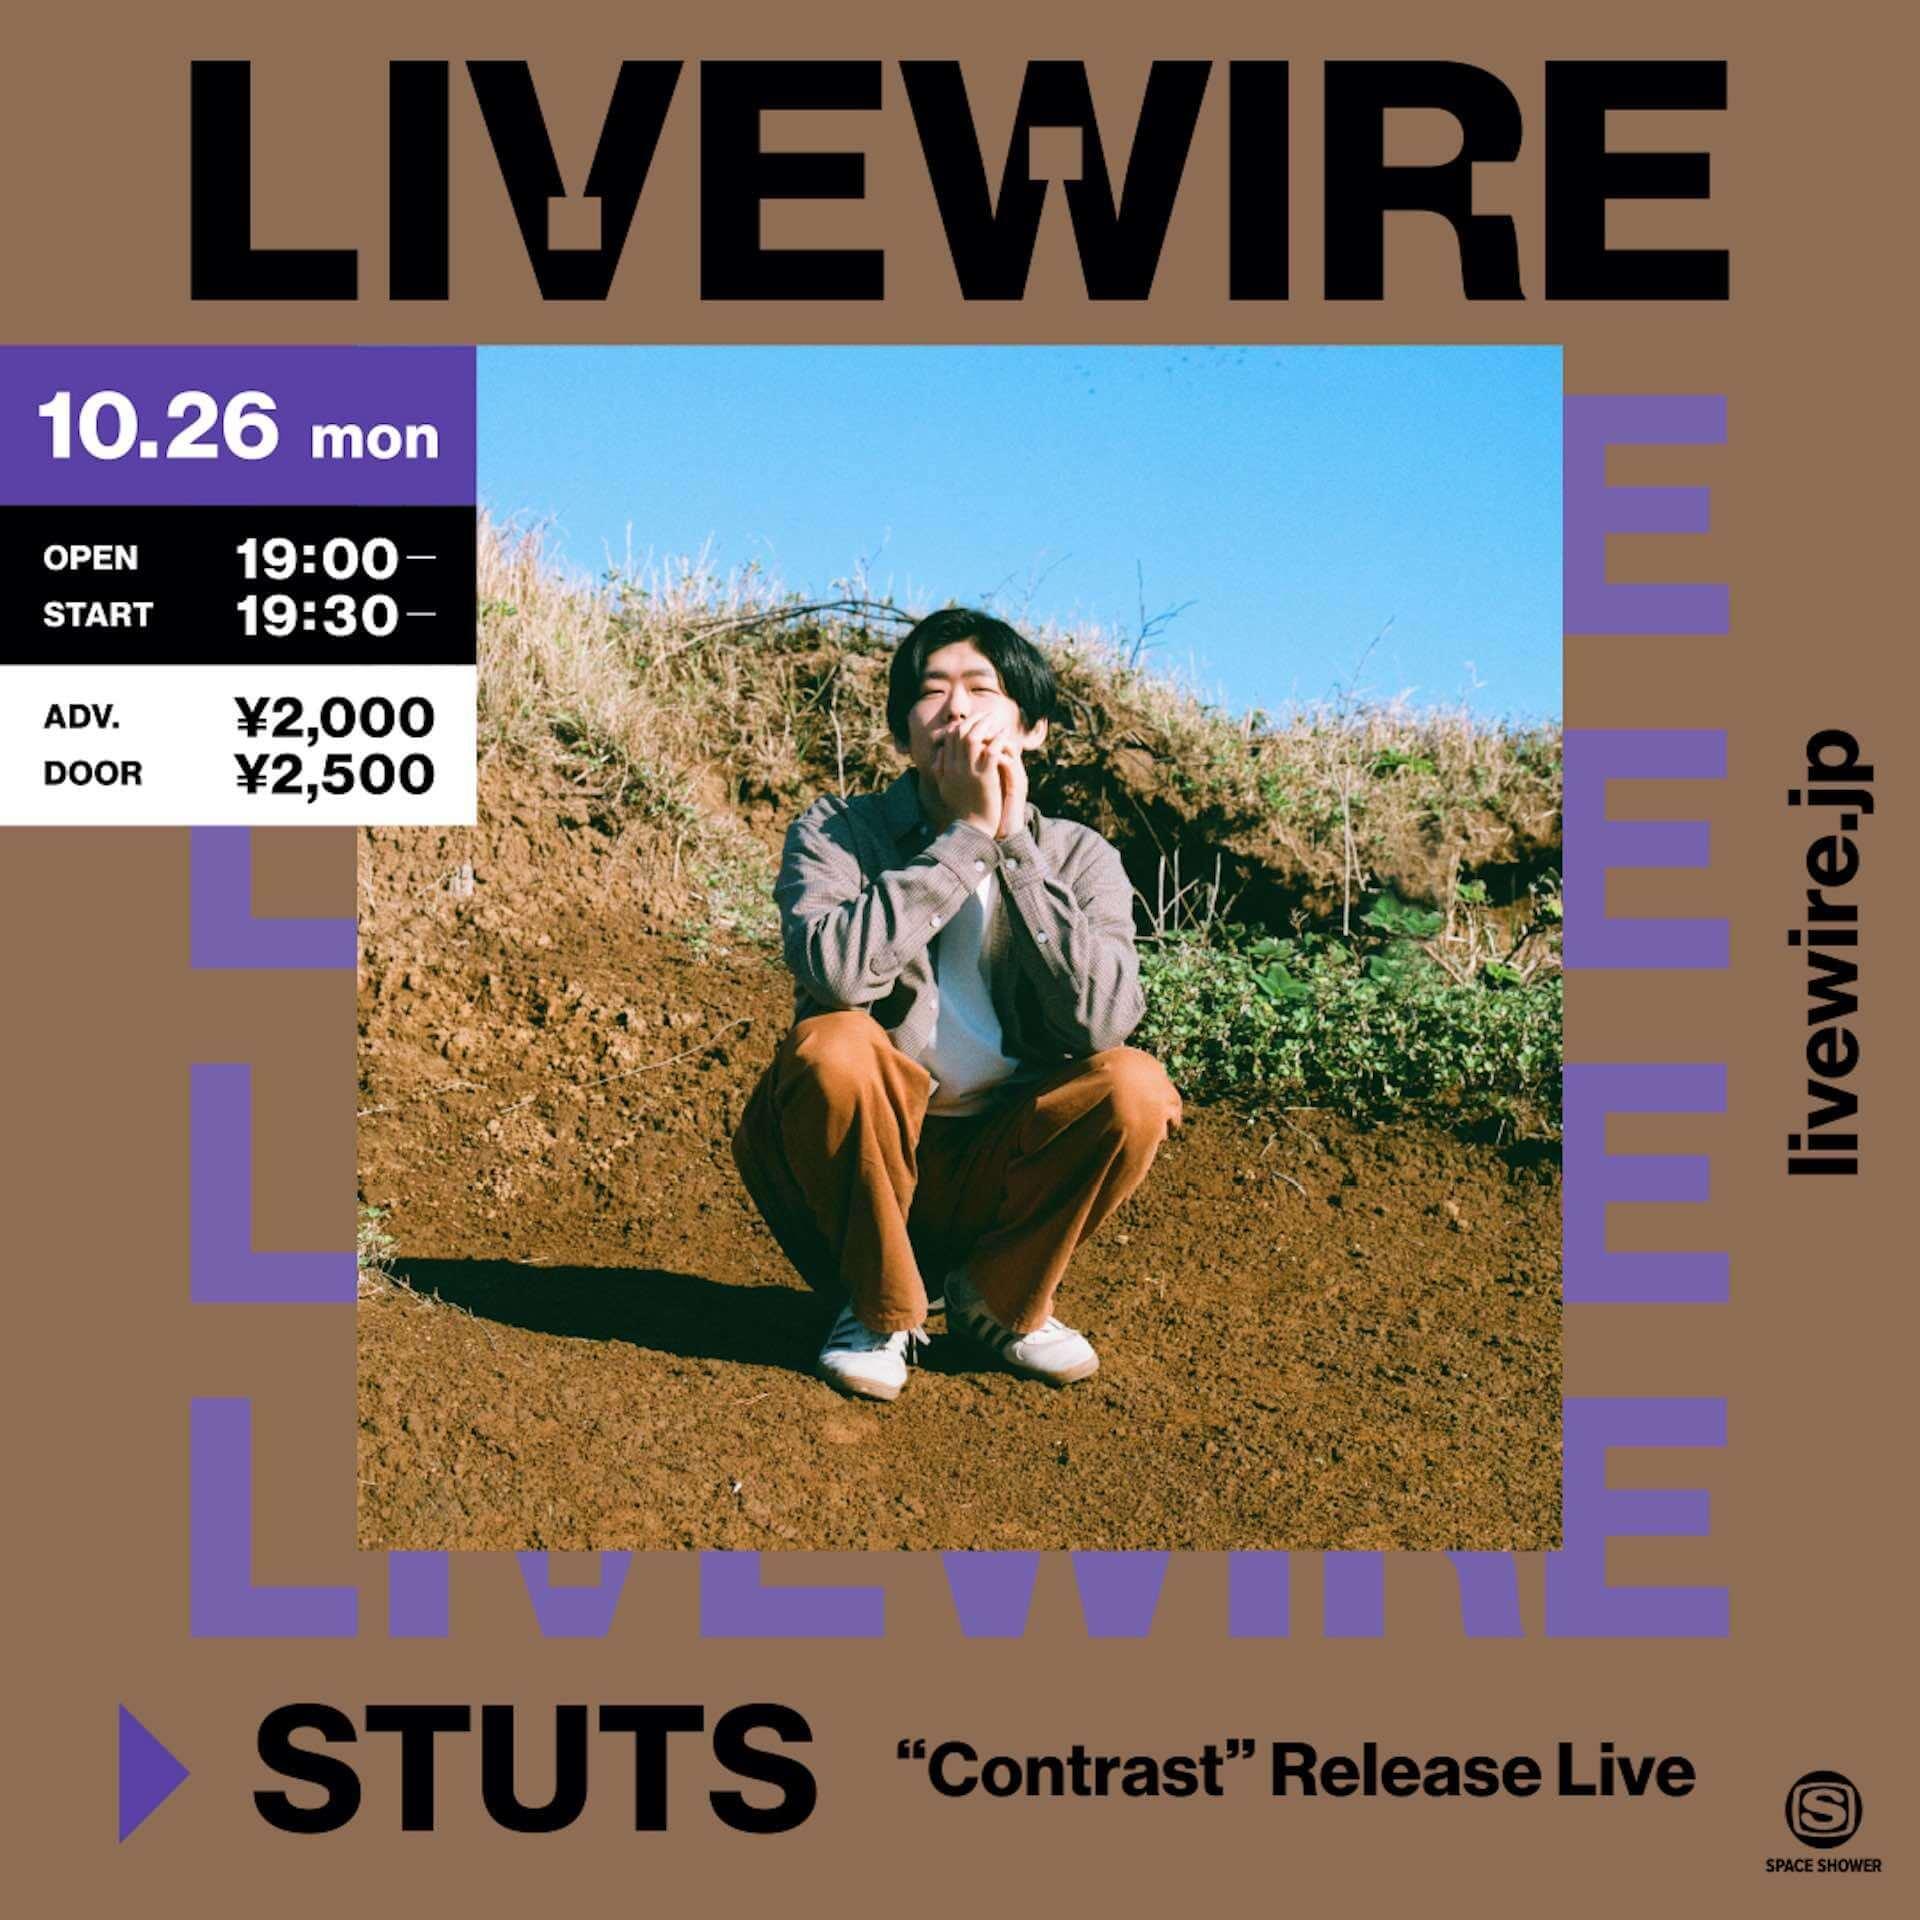 """STUTSがミニアルバム『Contrast』をリリース!SUMIN、Daichi Yamamoto、鎮座DOPENESSを迎えた""""Mirrors""""のMVも公開 music200916_stuts_2-1920x1920"""